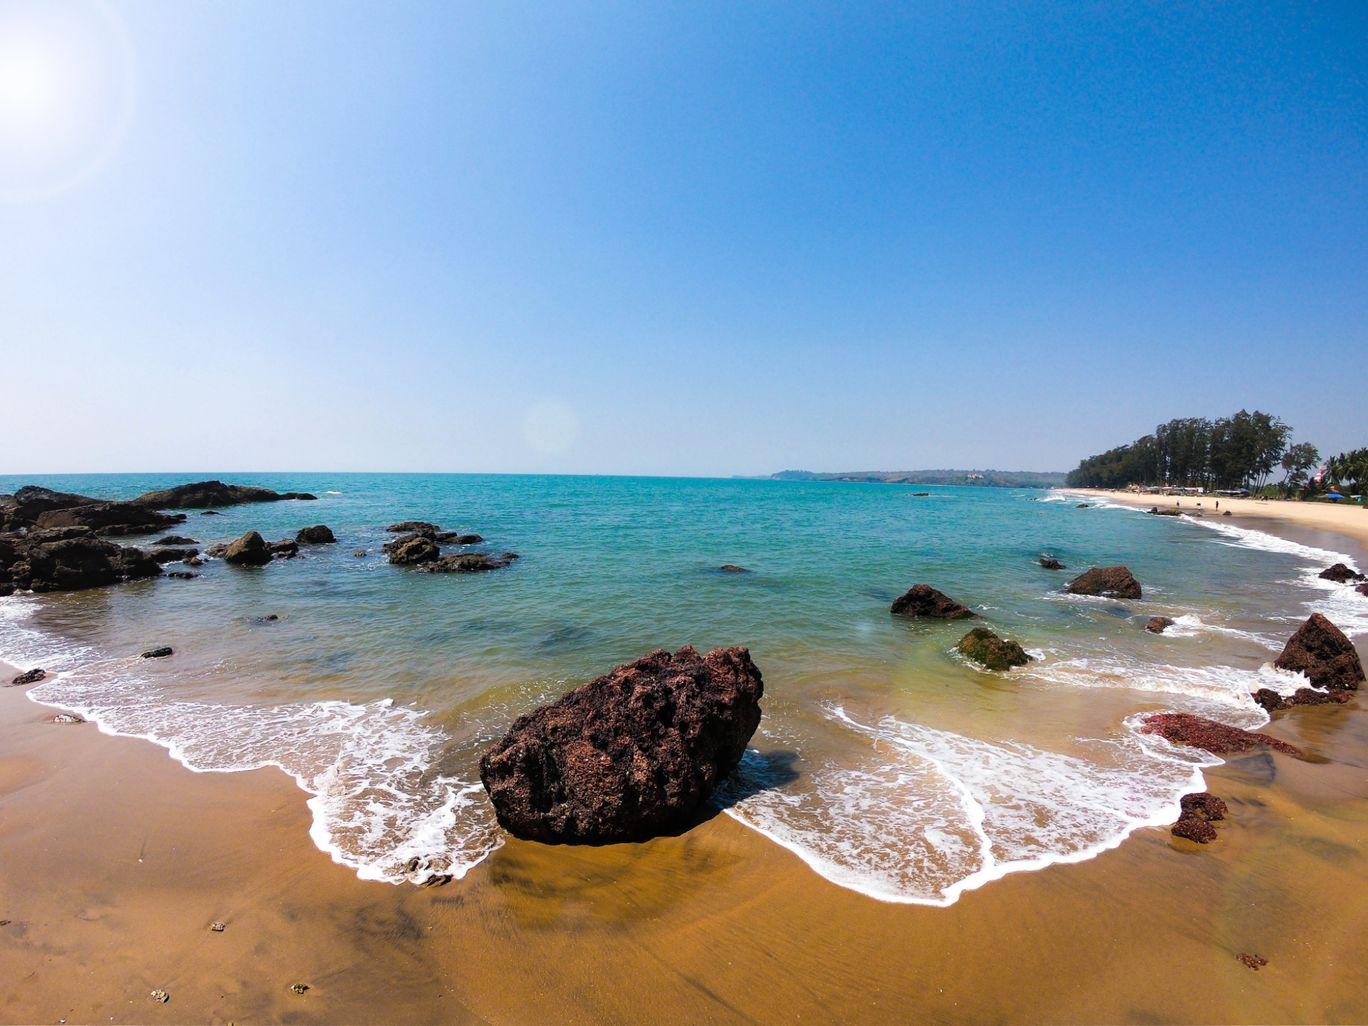 Photo of Querim Beach By Akash Mendpara